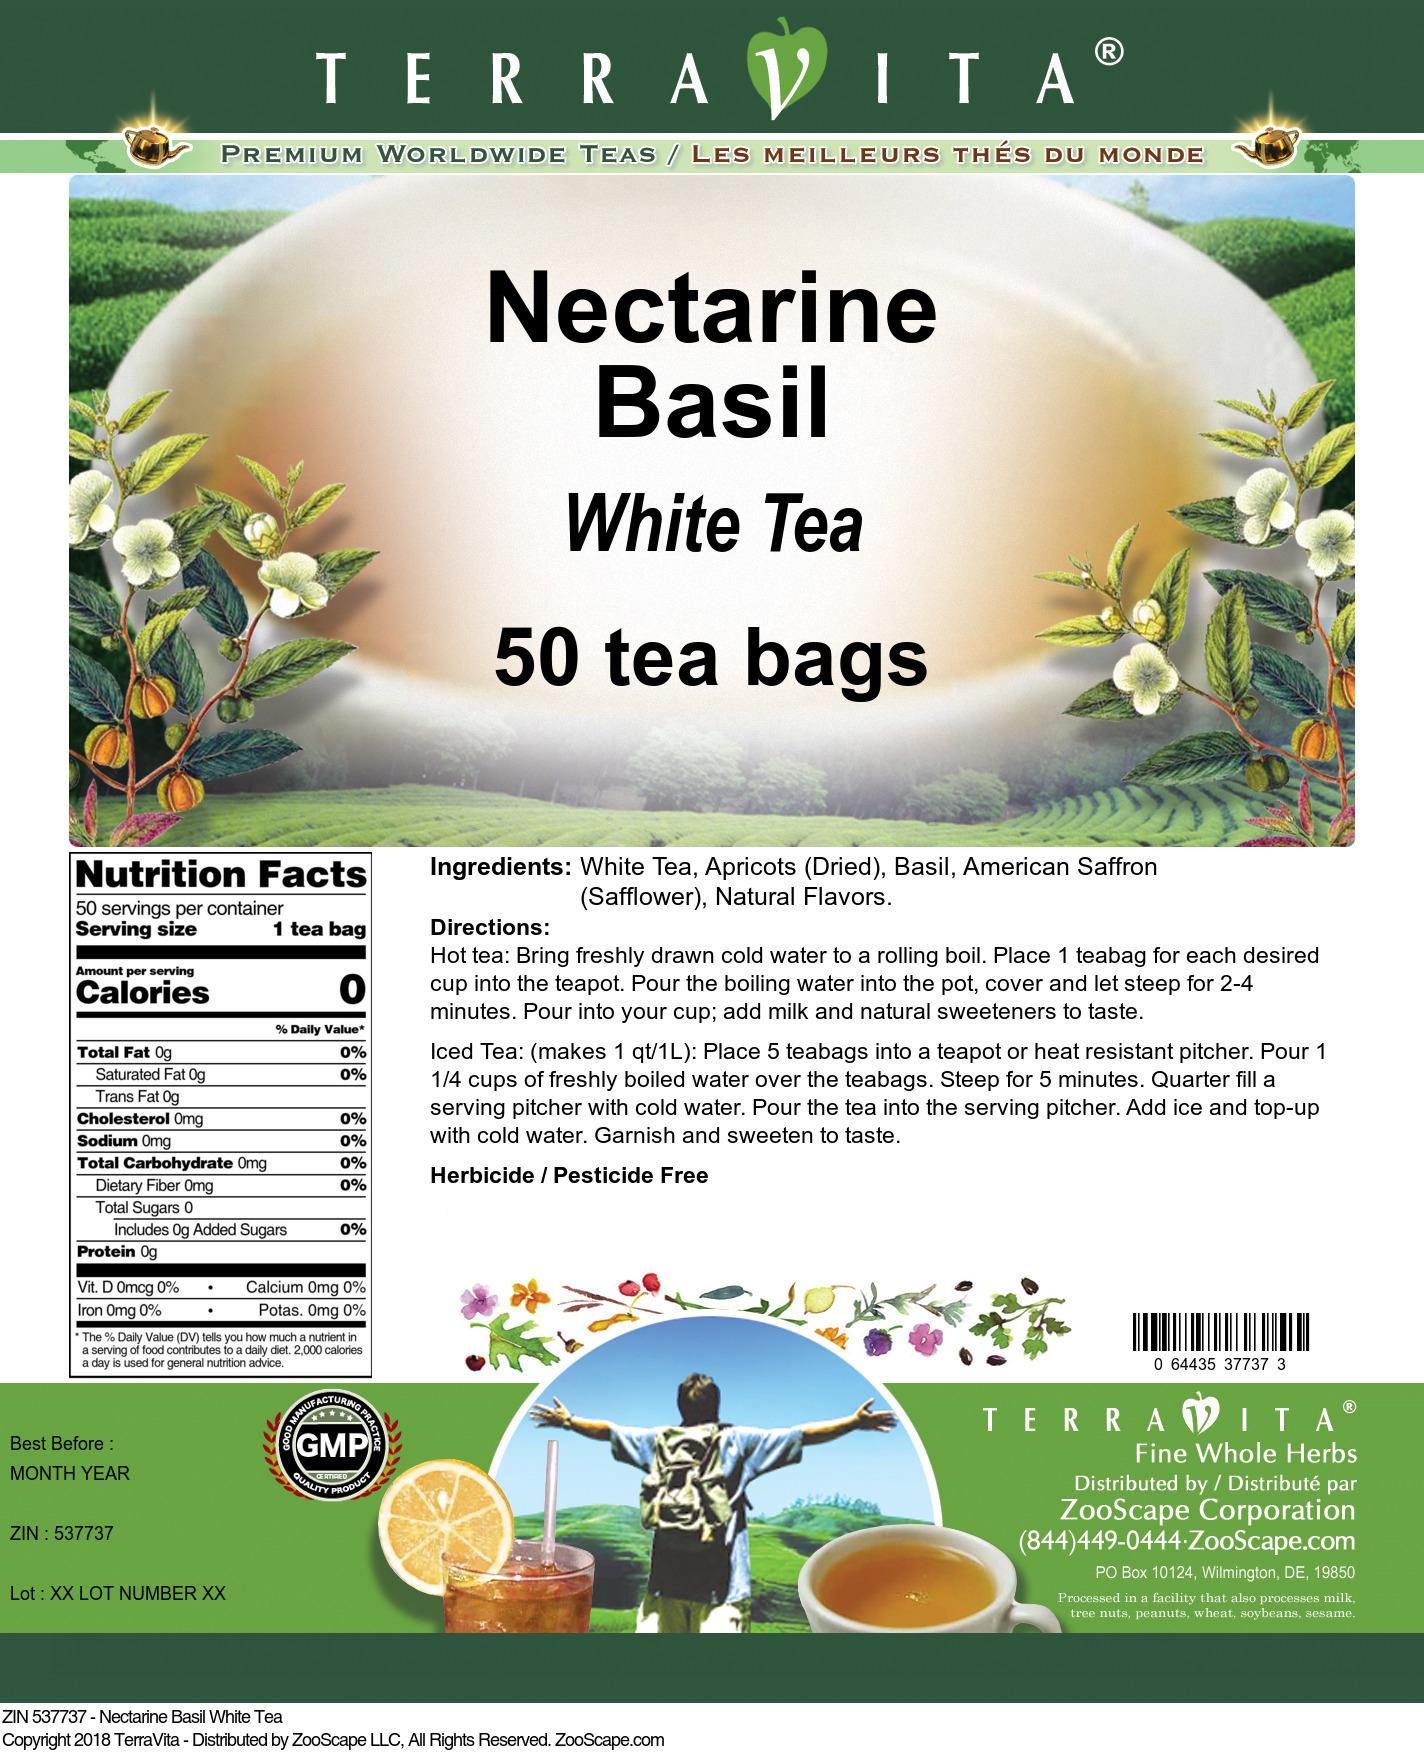 Nectarine Basil White Tea